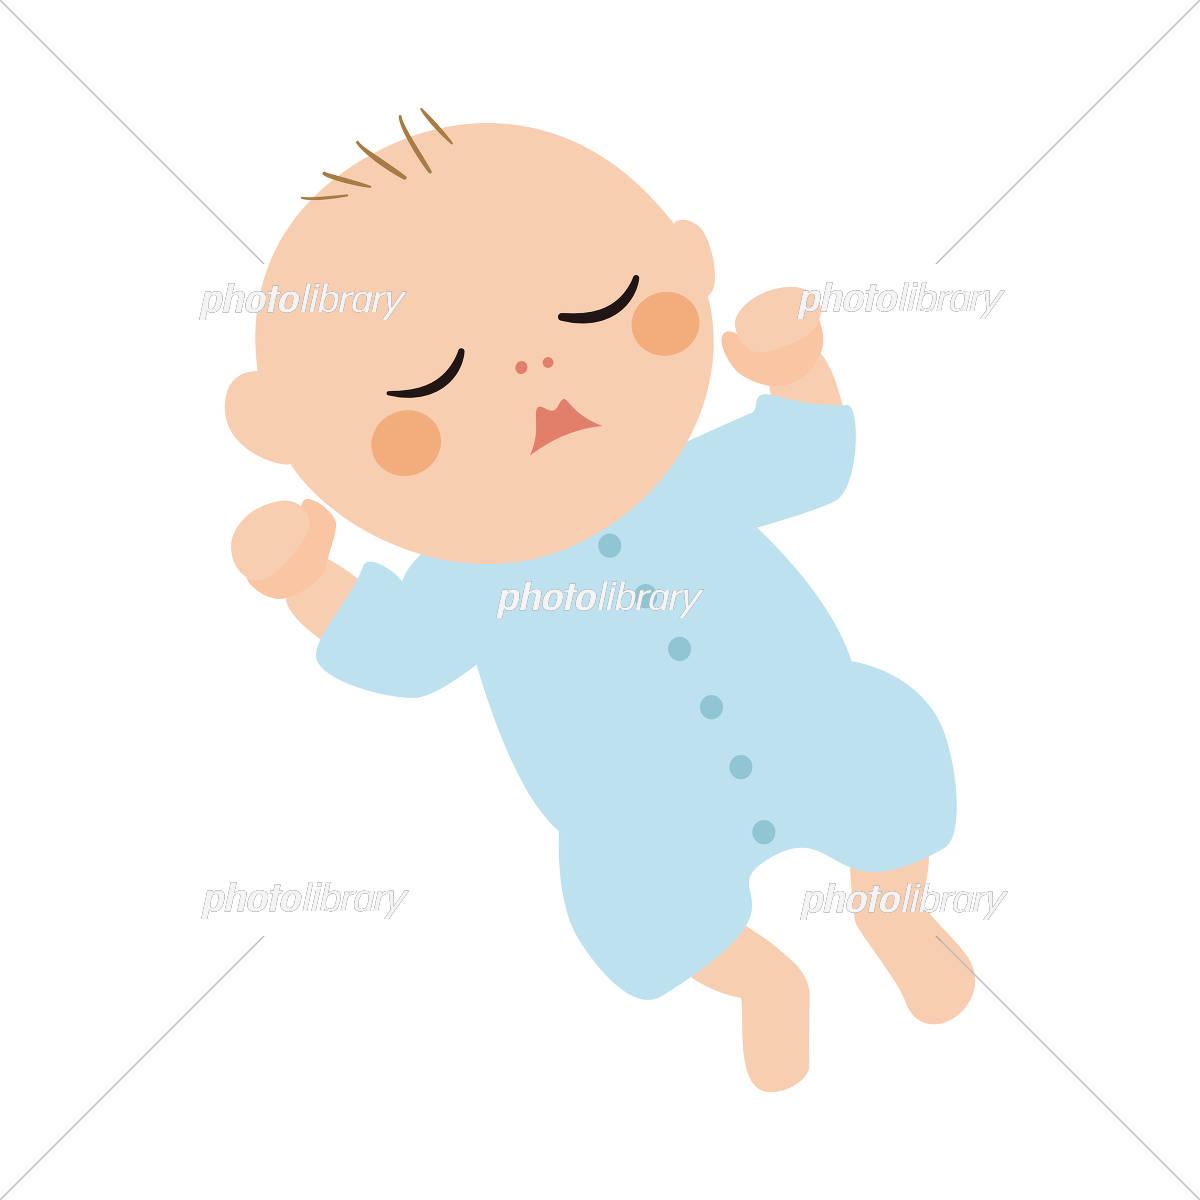 赤ちゃん イラスト イラスト素材 5554049 フォトライブラリー